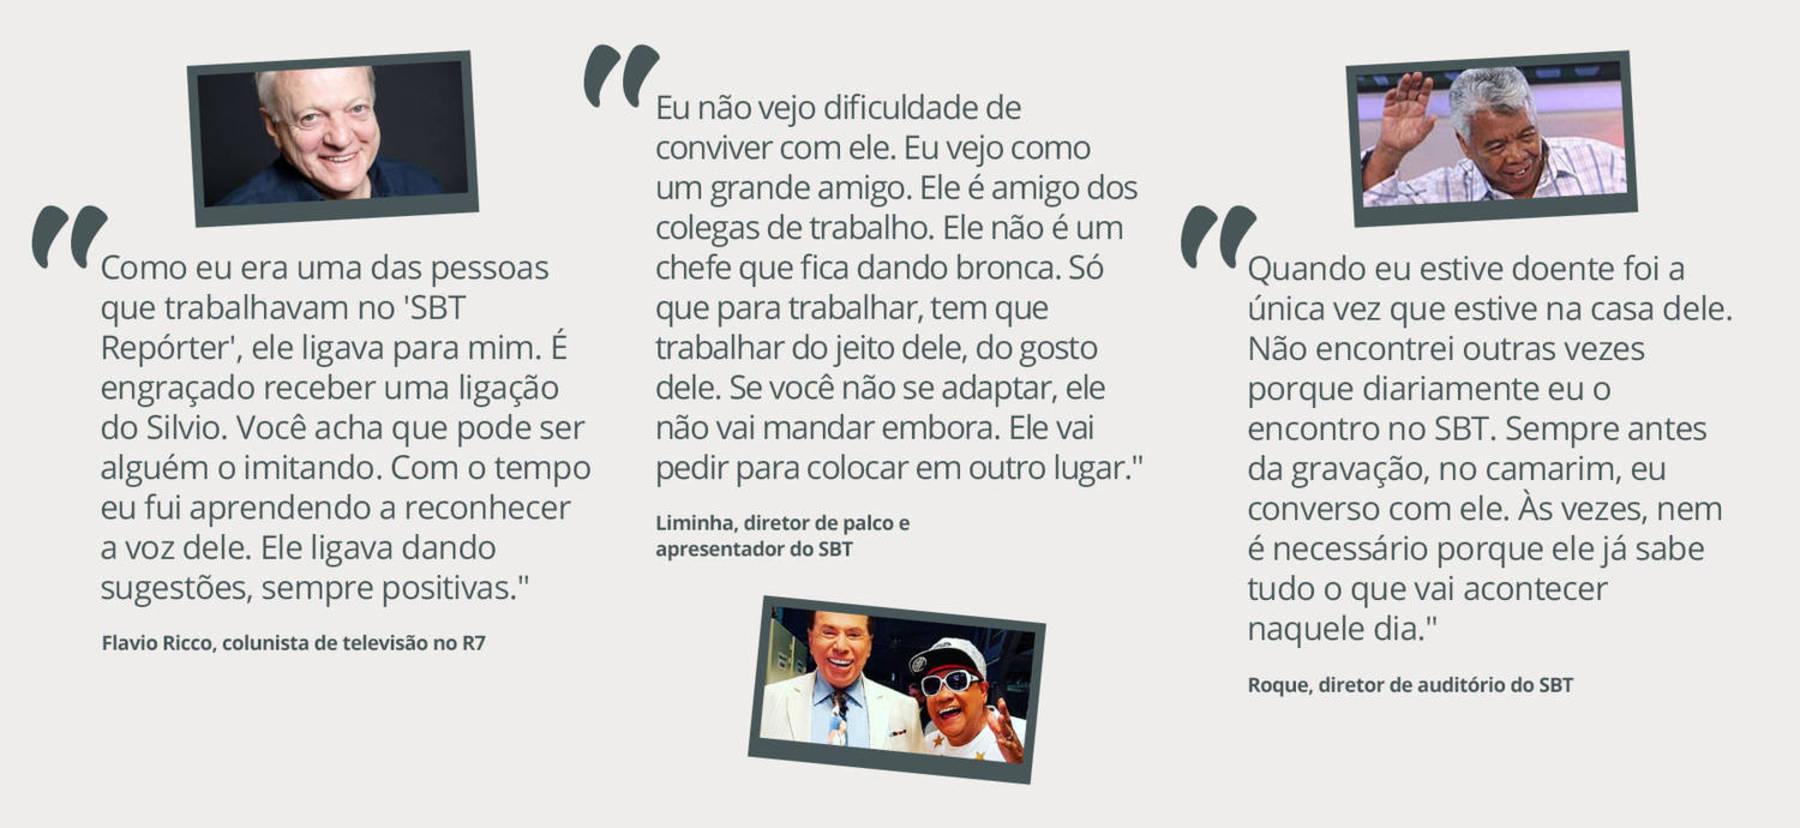 Flávio Ricco, Liminha e Roque falam do dono do Baú (Arte/R7)